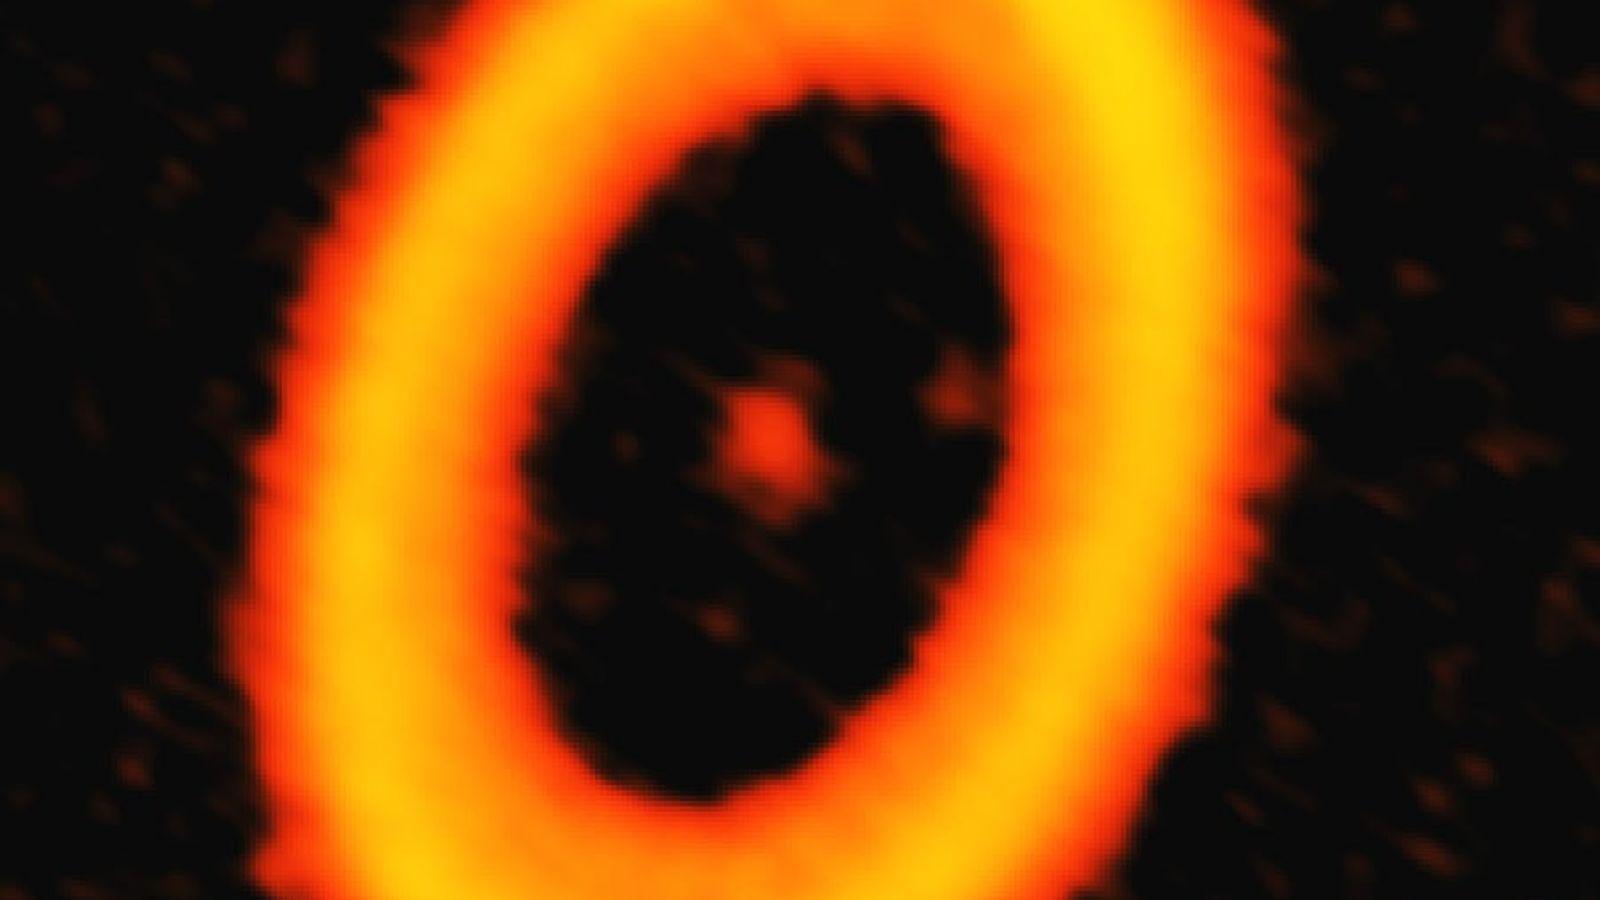 Dieses ALMA-Bild einer Staubwolke im Sternsystems PDS 70 lässt zwei blasse Flecke in der protoplanetaren Scheibe ...